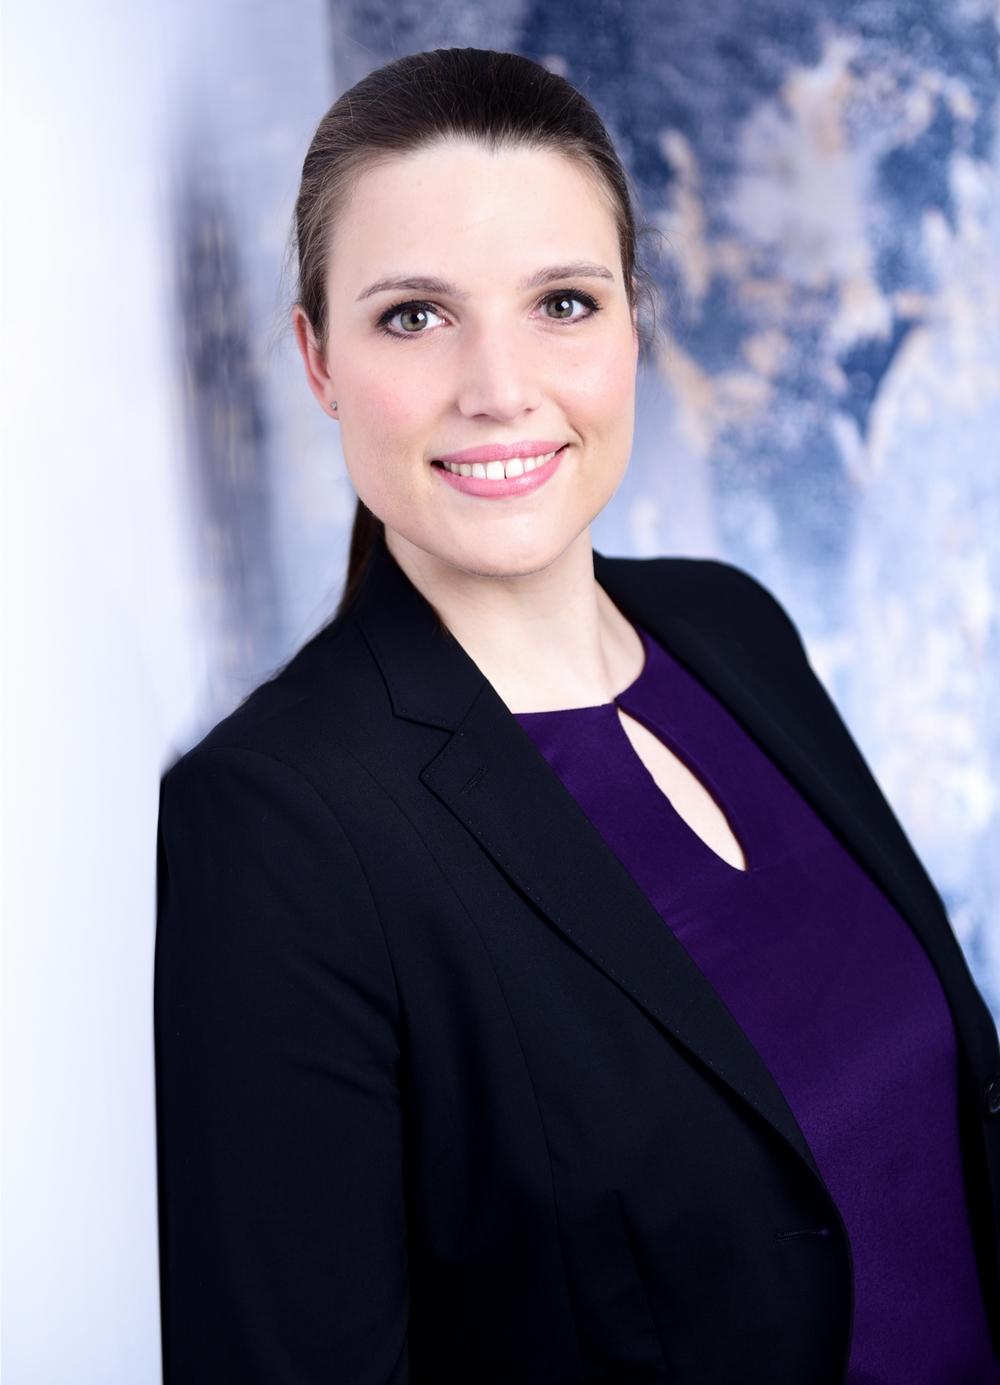 Michaela Paul, LL.M. / Rechtsanwältin / Fachanwältin für gewerblichen Rechtsschutz